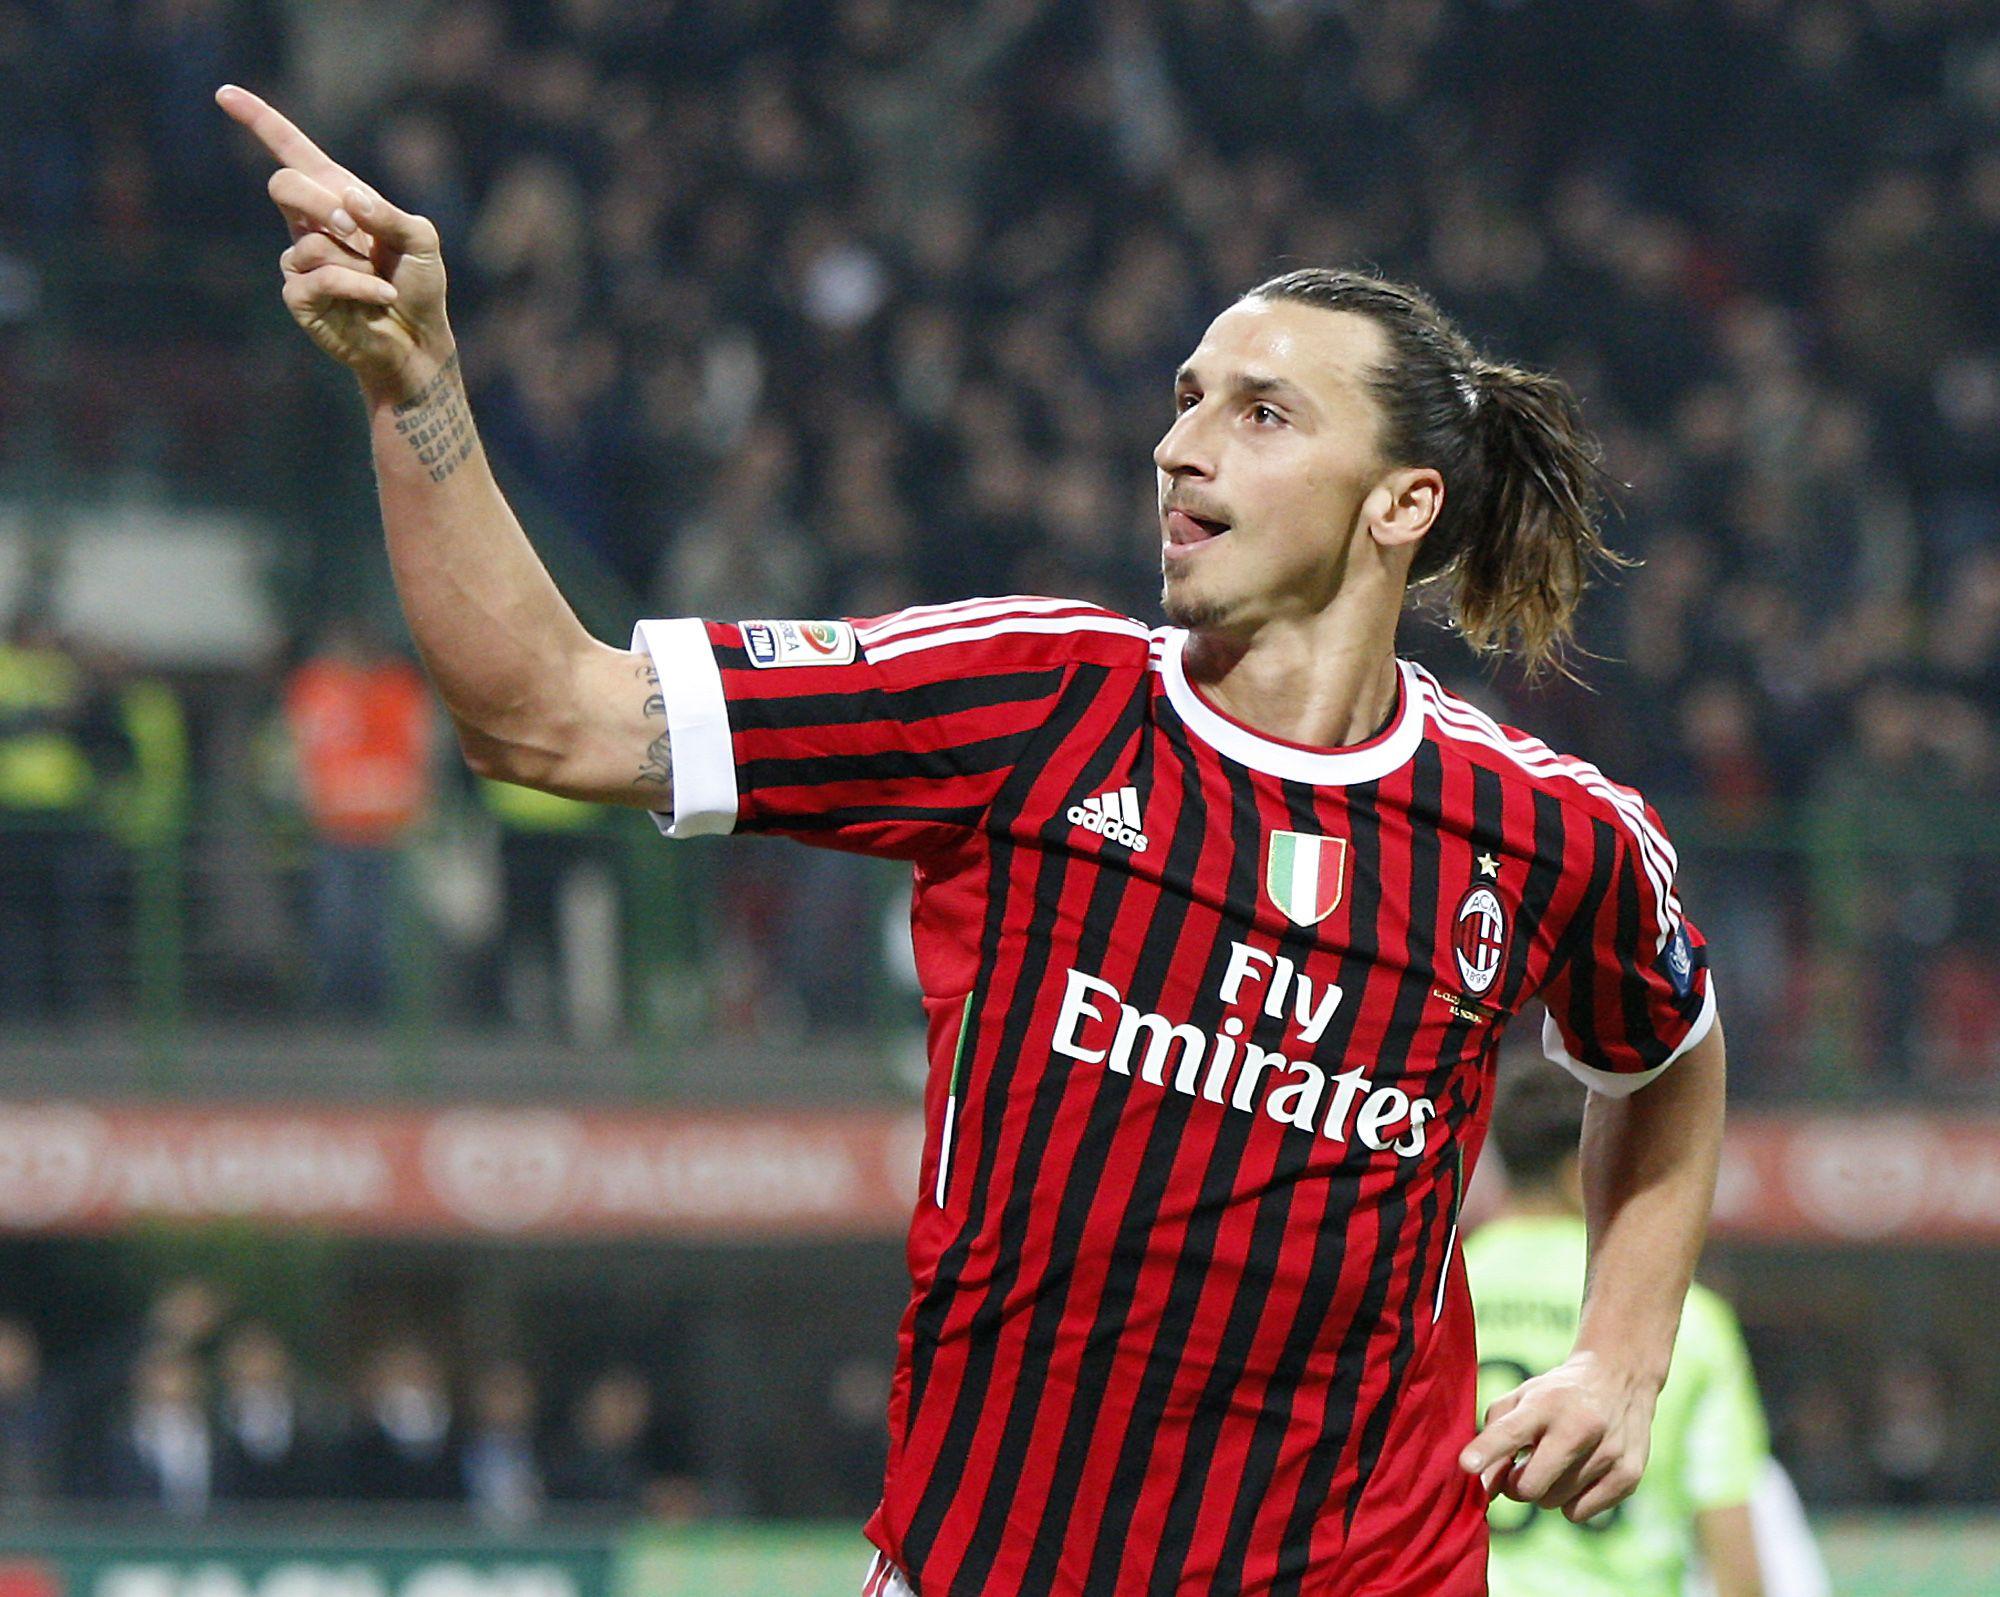 Ibrahimovic 9ine Zlatan Ibrahimovic Milan Ac Milan